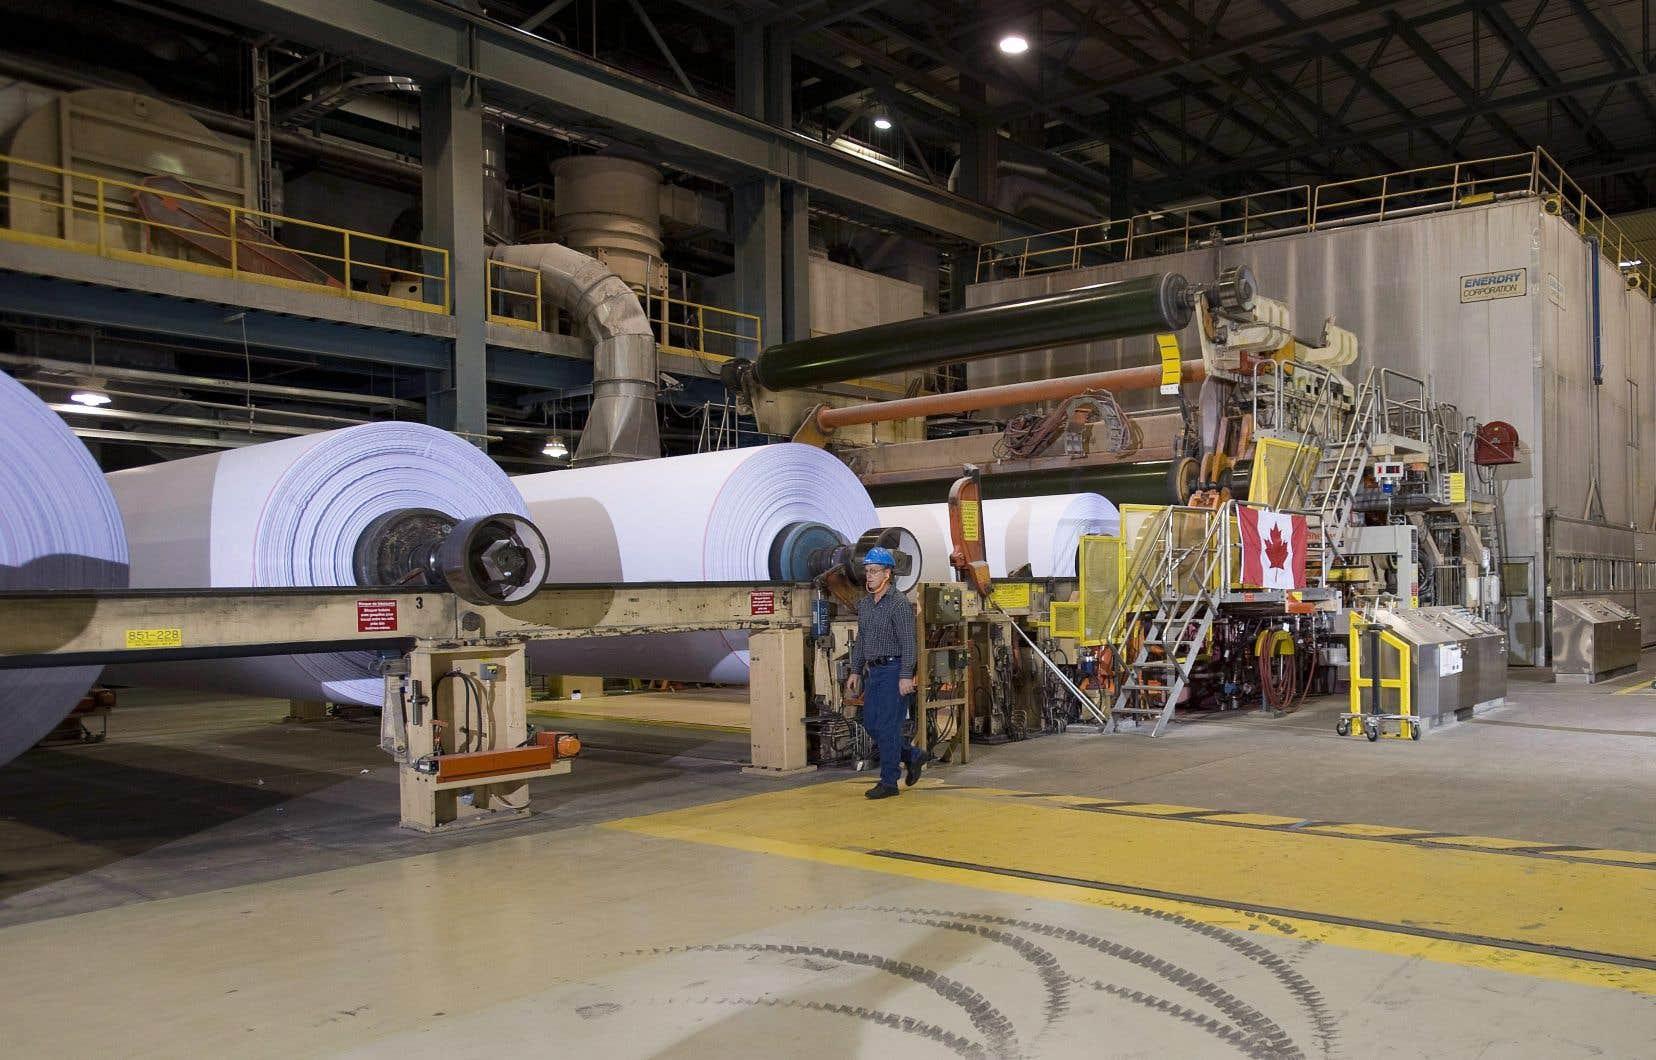 Paper Excellence a l'intention de continuer à exploiter Domtar comme une entité commerciale autonome, ont précisé les deux sociétés dans un communiqué.